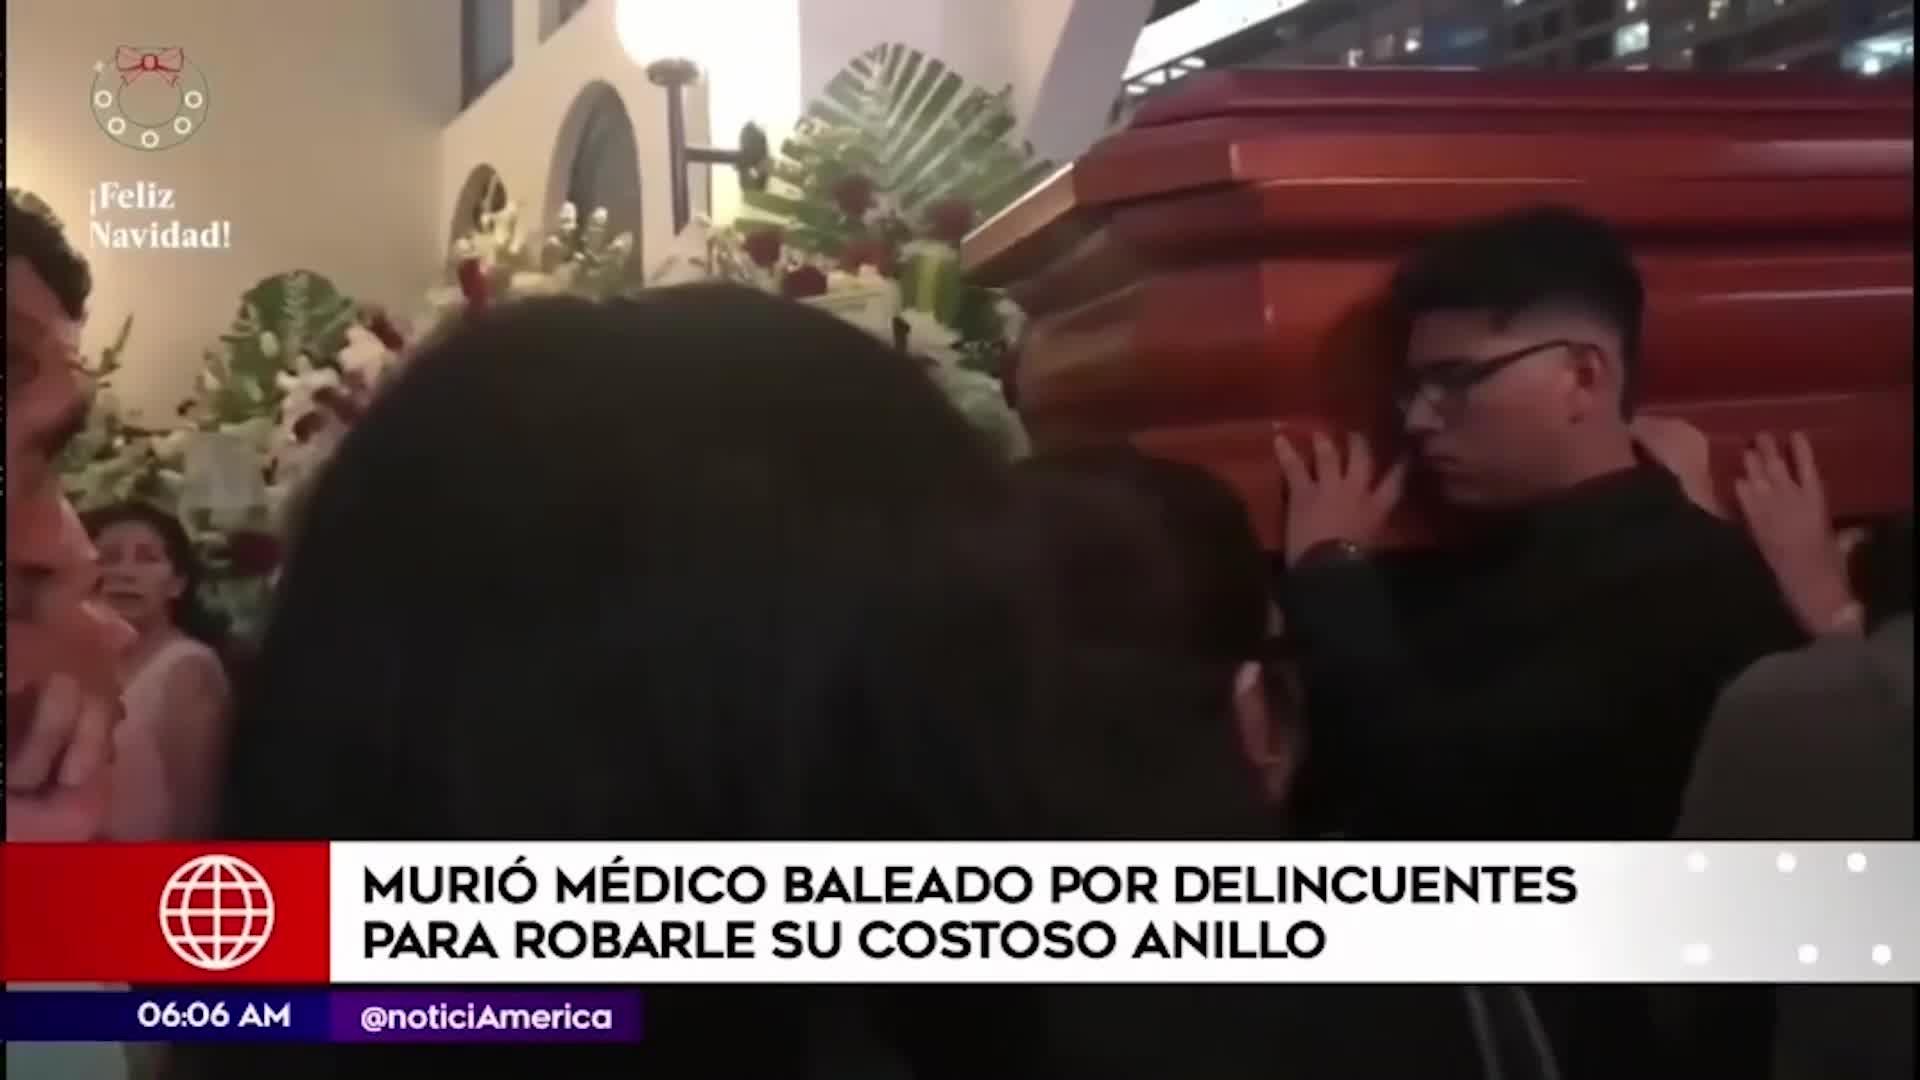 Muere médico baleado por delincuentes que le robaron costoso anillo